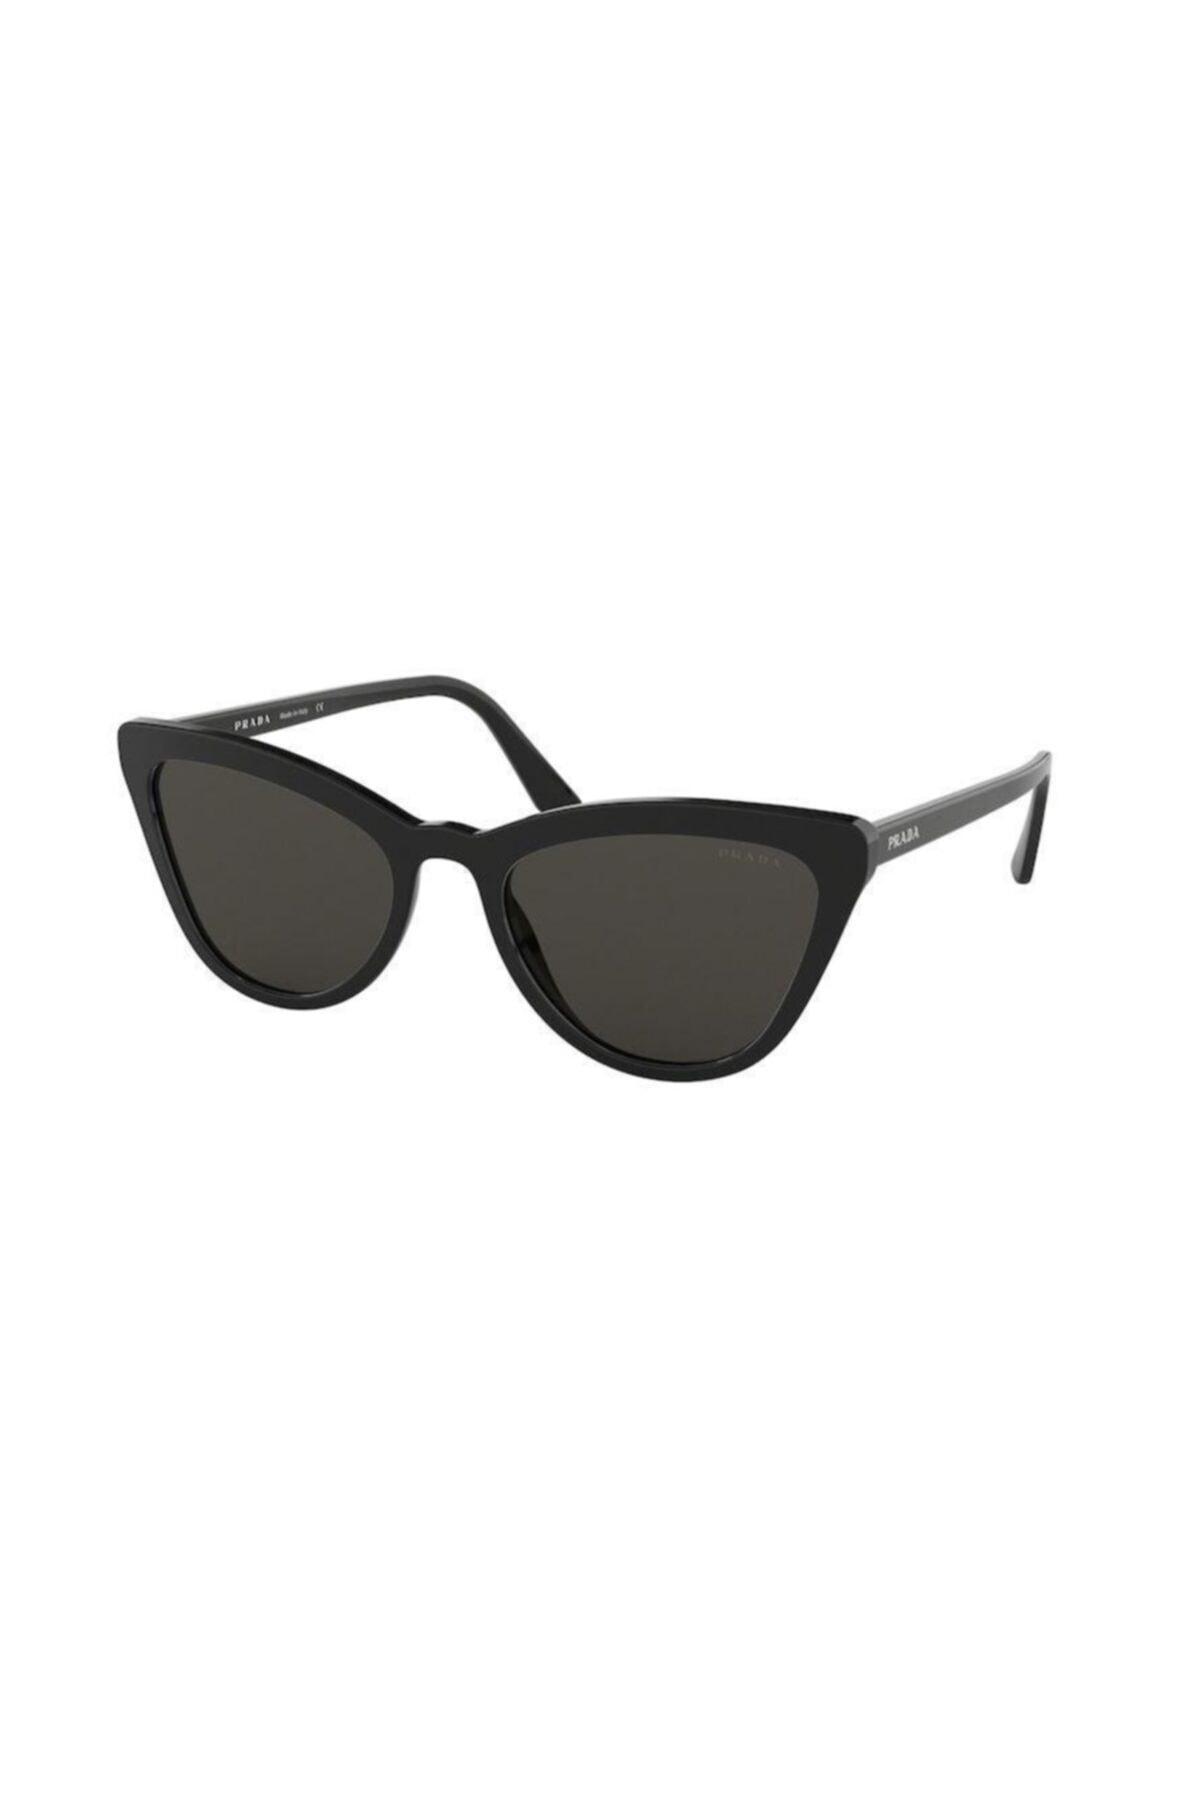 Prada Kadın Füme Güneş Gözlüğü Spr 01v 1ab-5s0 1